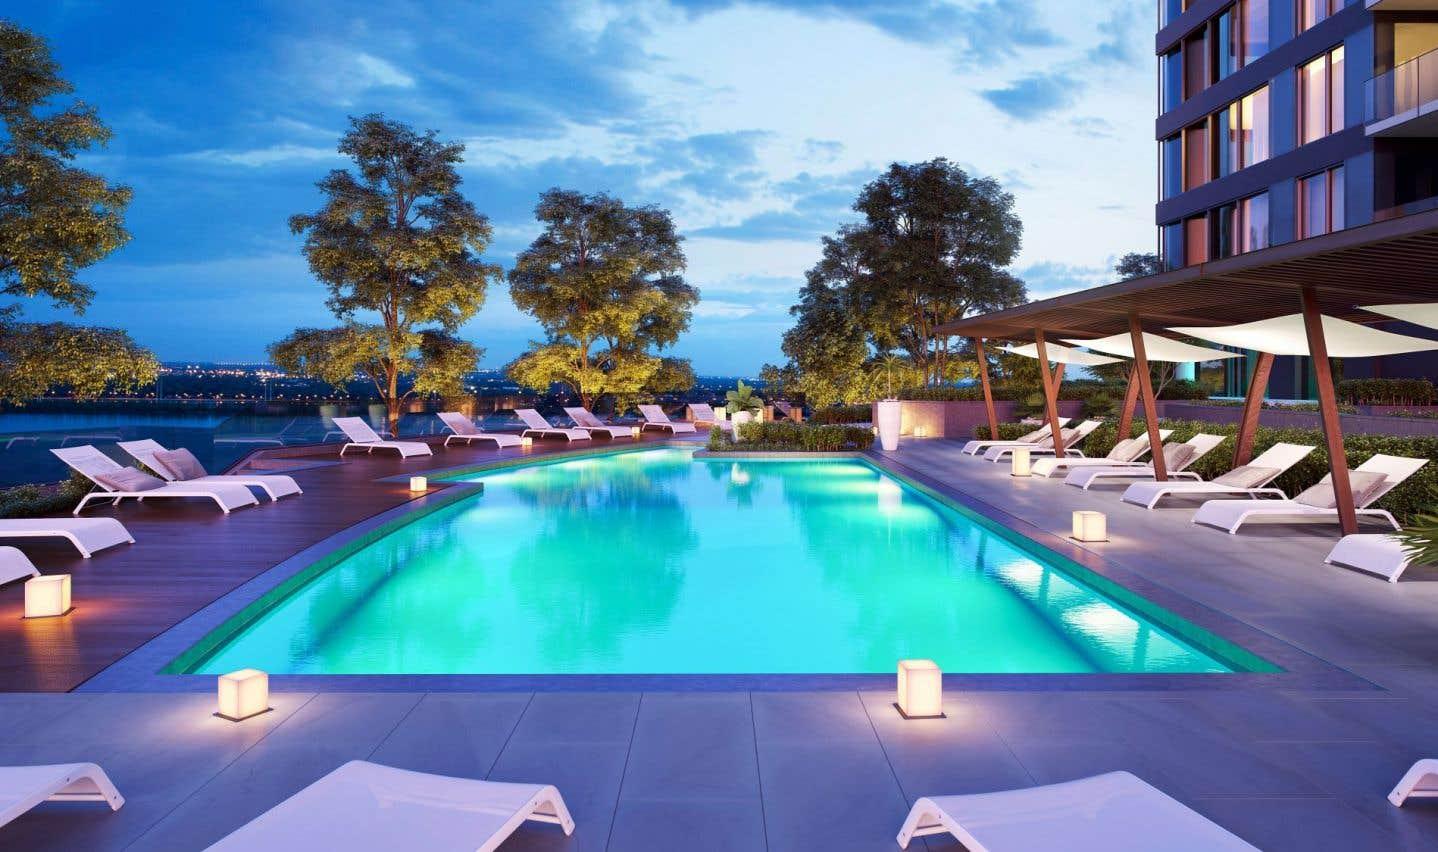 En plus de la piscine intérieur, EvoloX proposera à ses résidents une piscine extérieure.